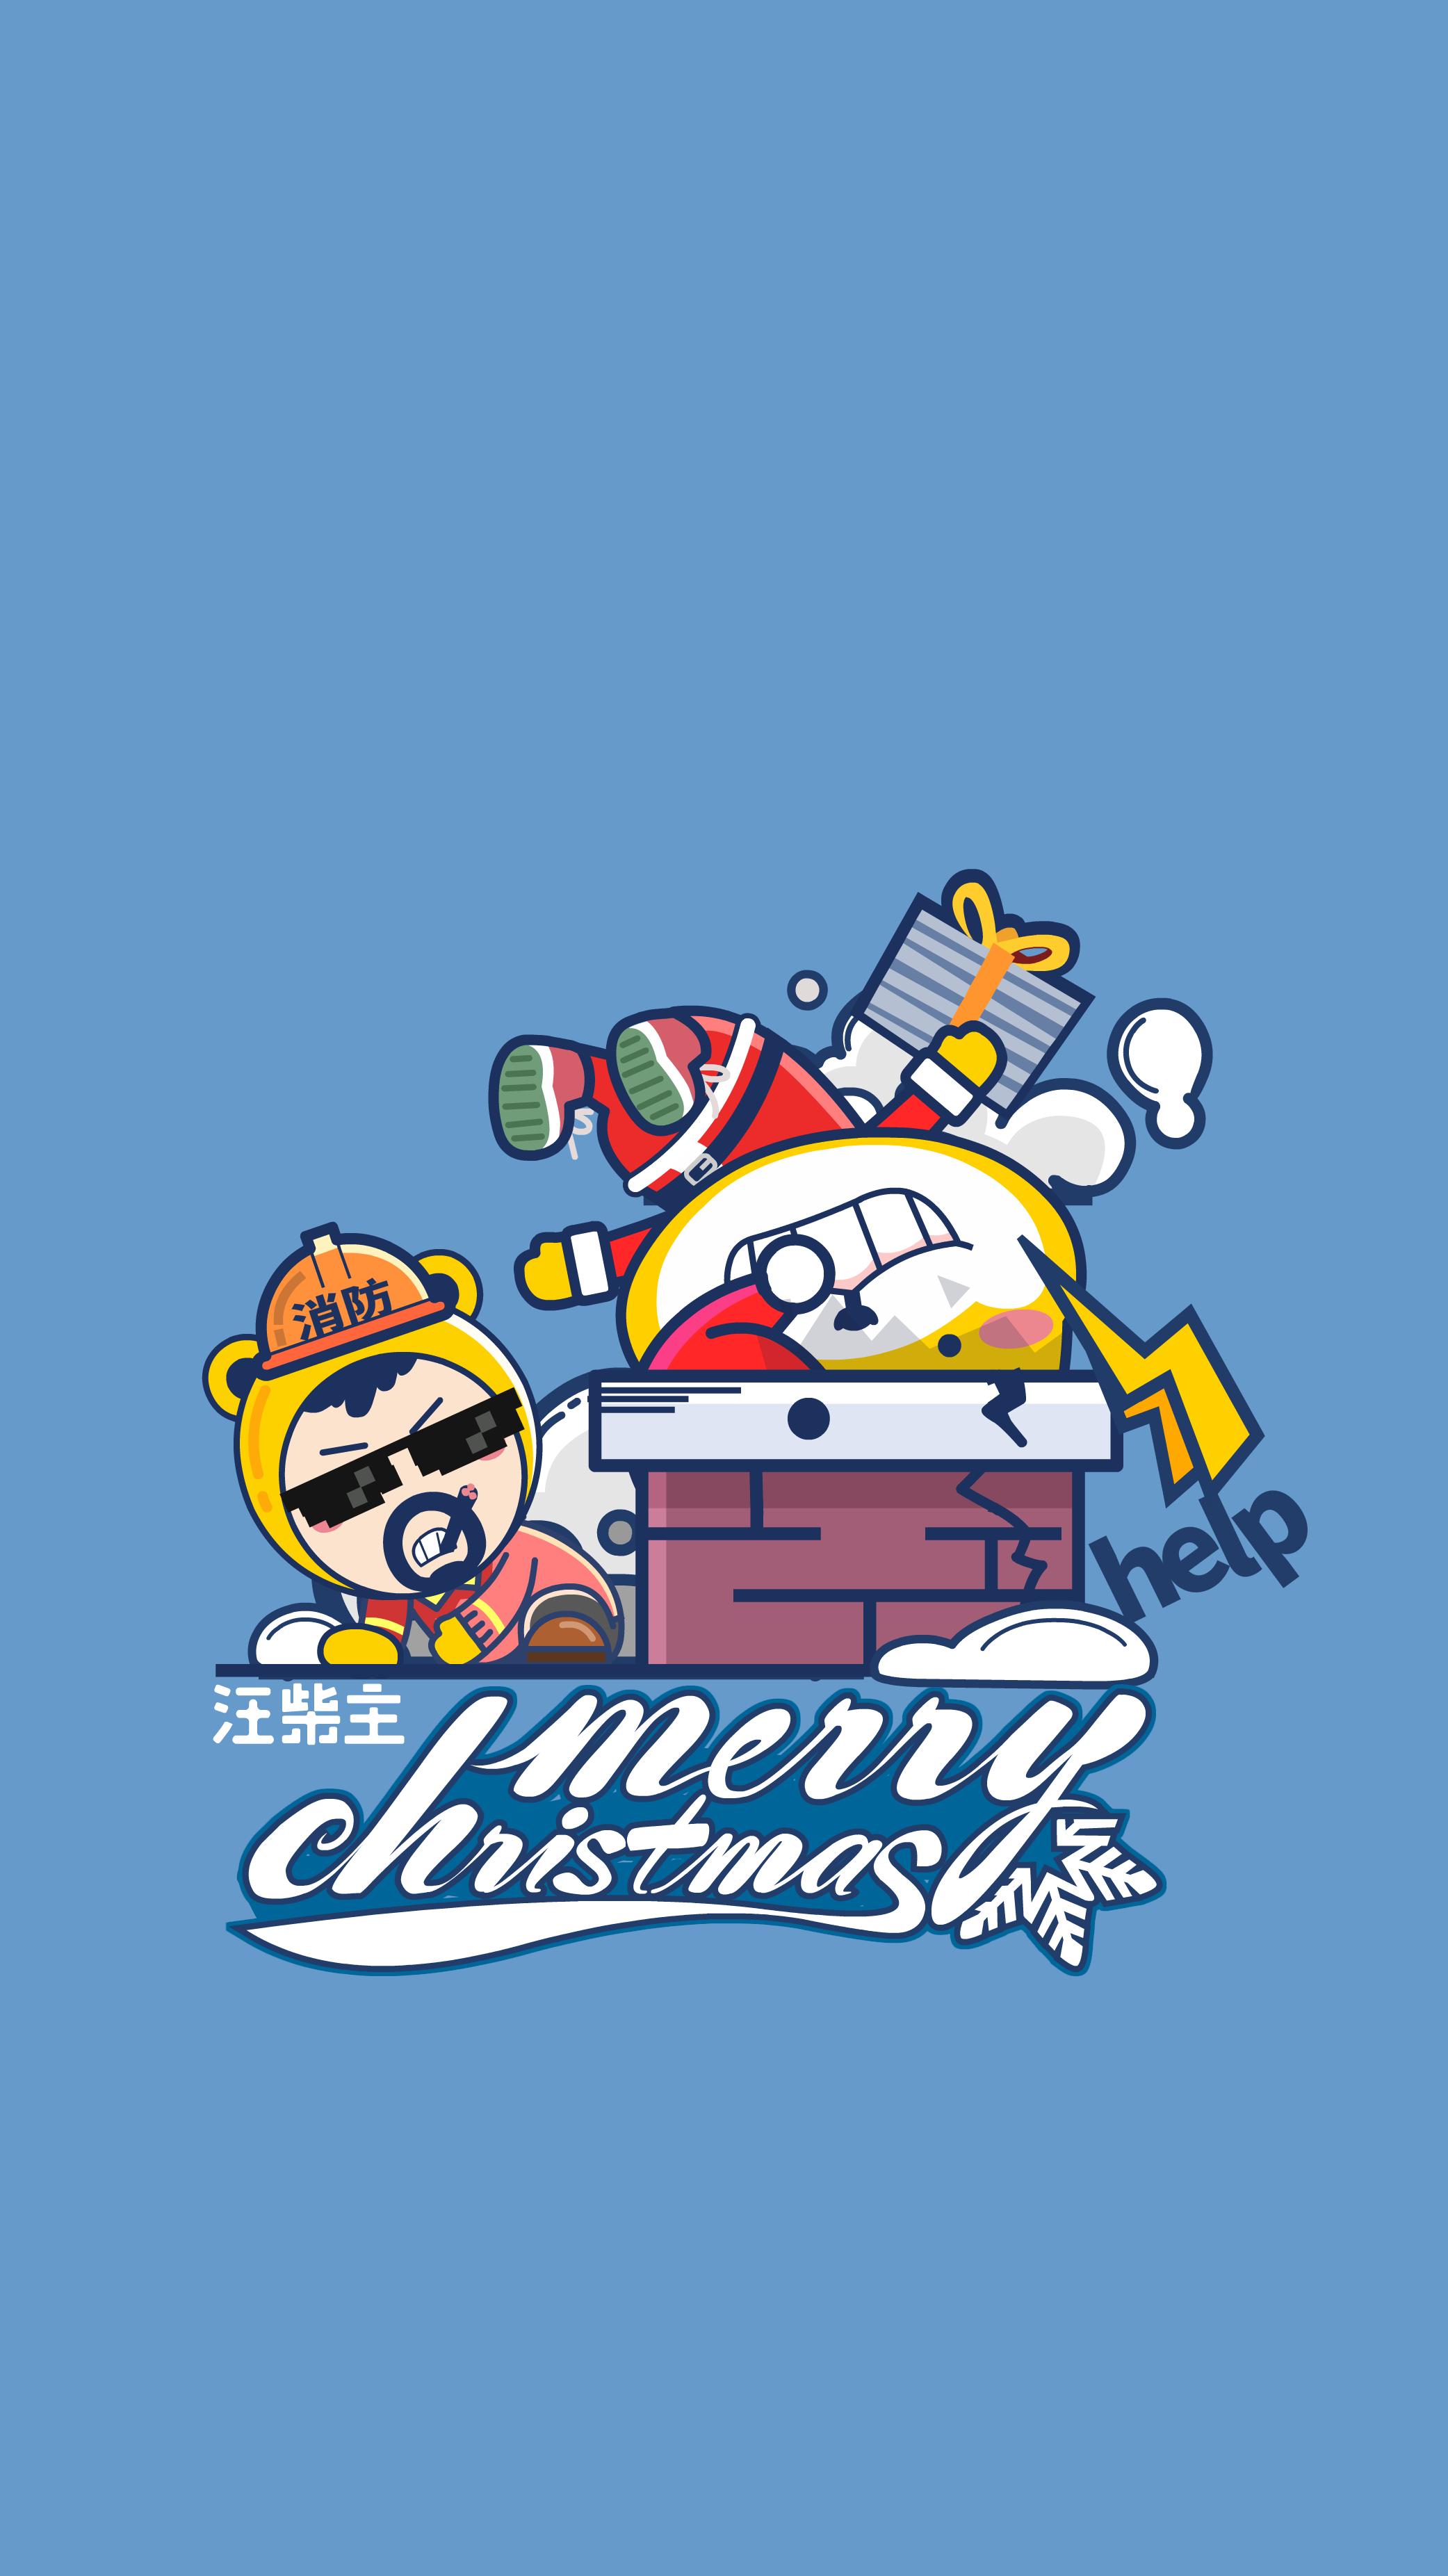 汪柴主圣诞节手机壁纸设计(高清) 插画 插画习作 LOGO大师 - 原创作品 - 站酷 (ZCOOL)